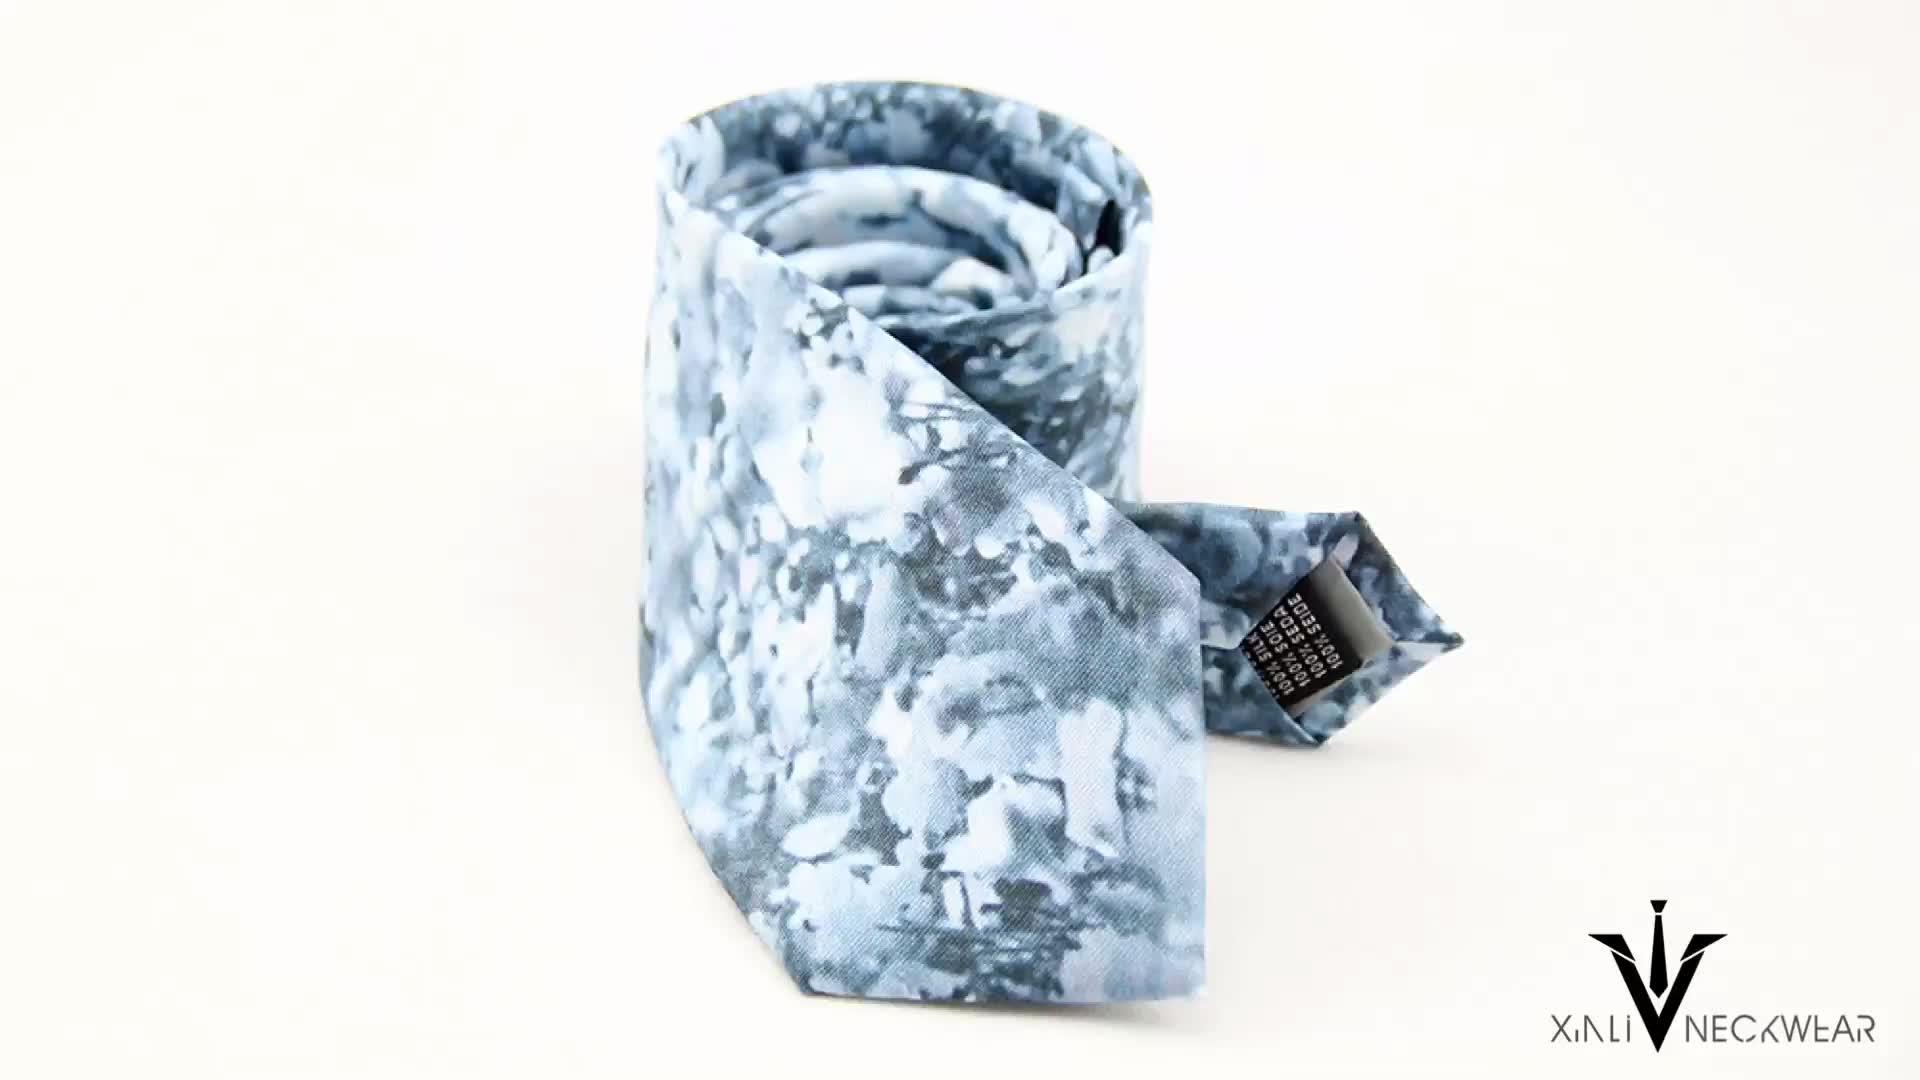 Günstige Individuell Bedruckte 100% Seide Krawatte Design Ihre Eigenen Logo Krawatten